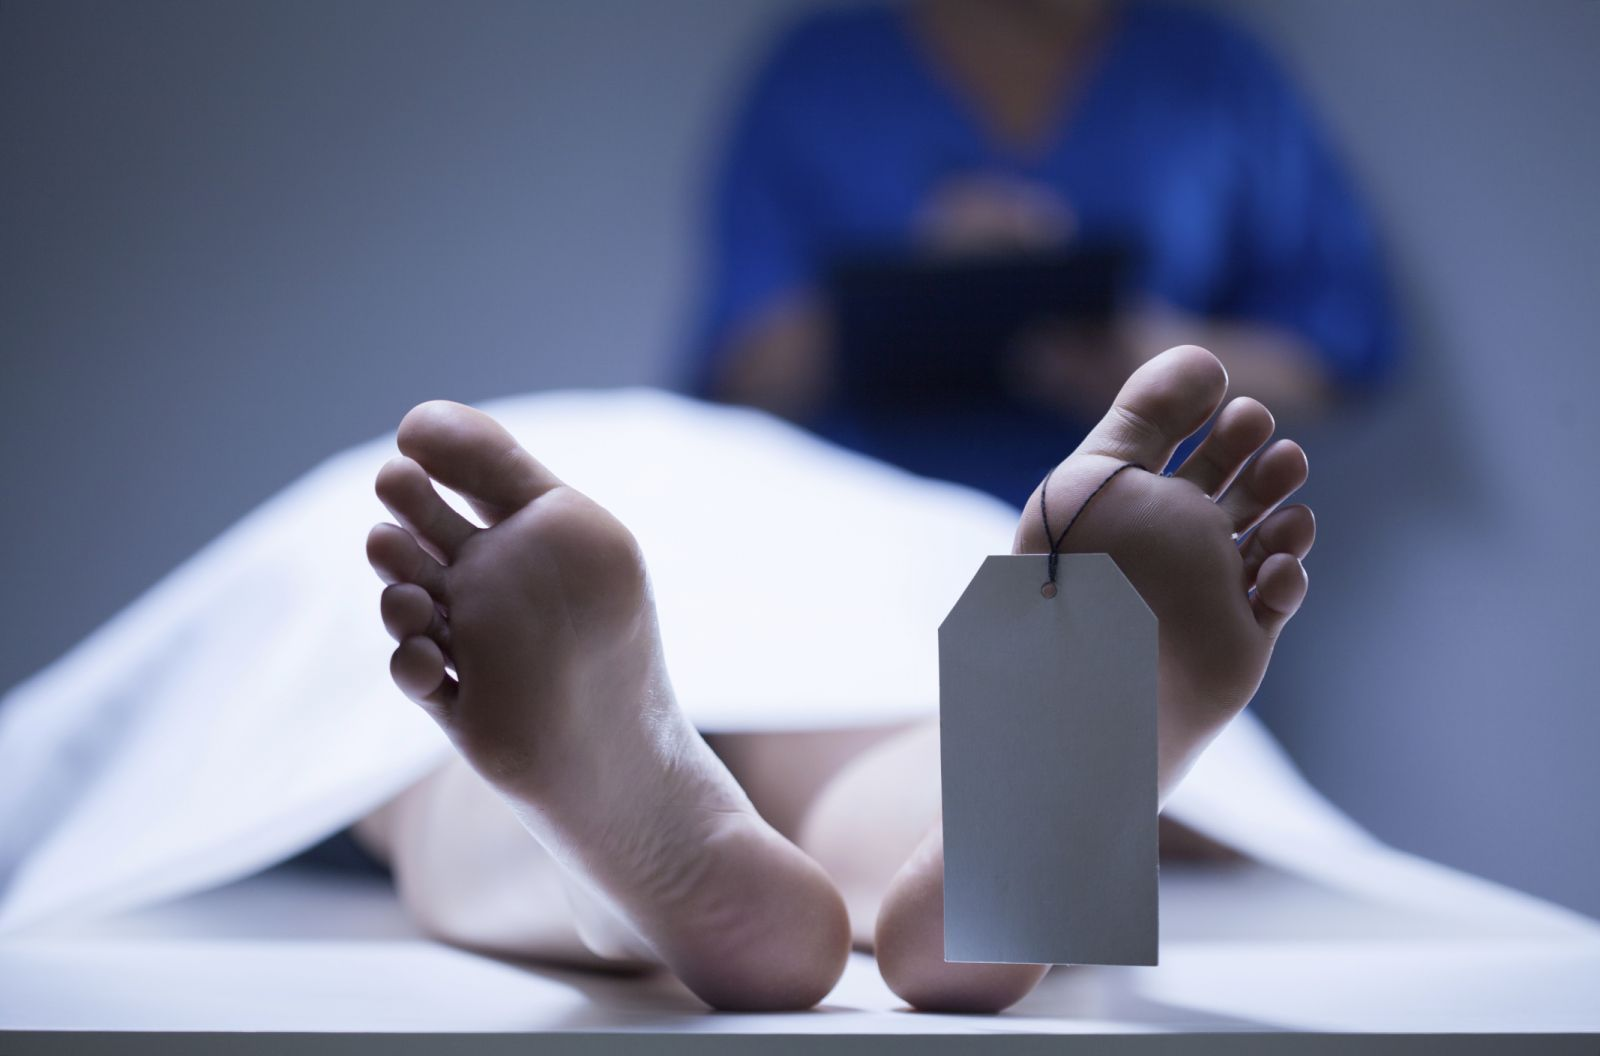 العثور على جثة شاب بسد بين الويدان يسنفر الأمن